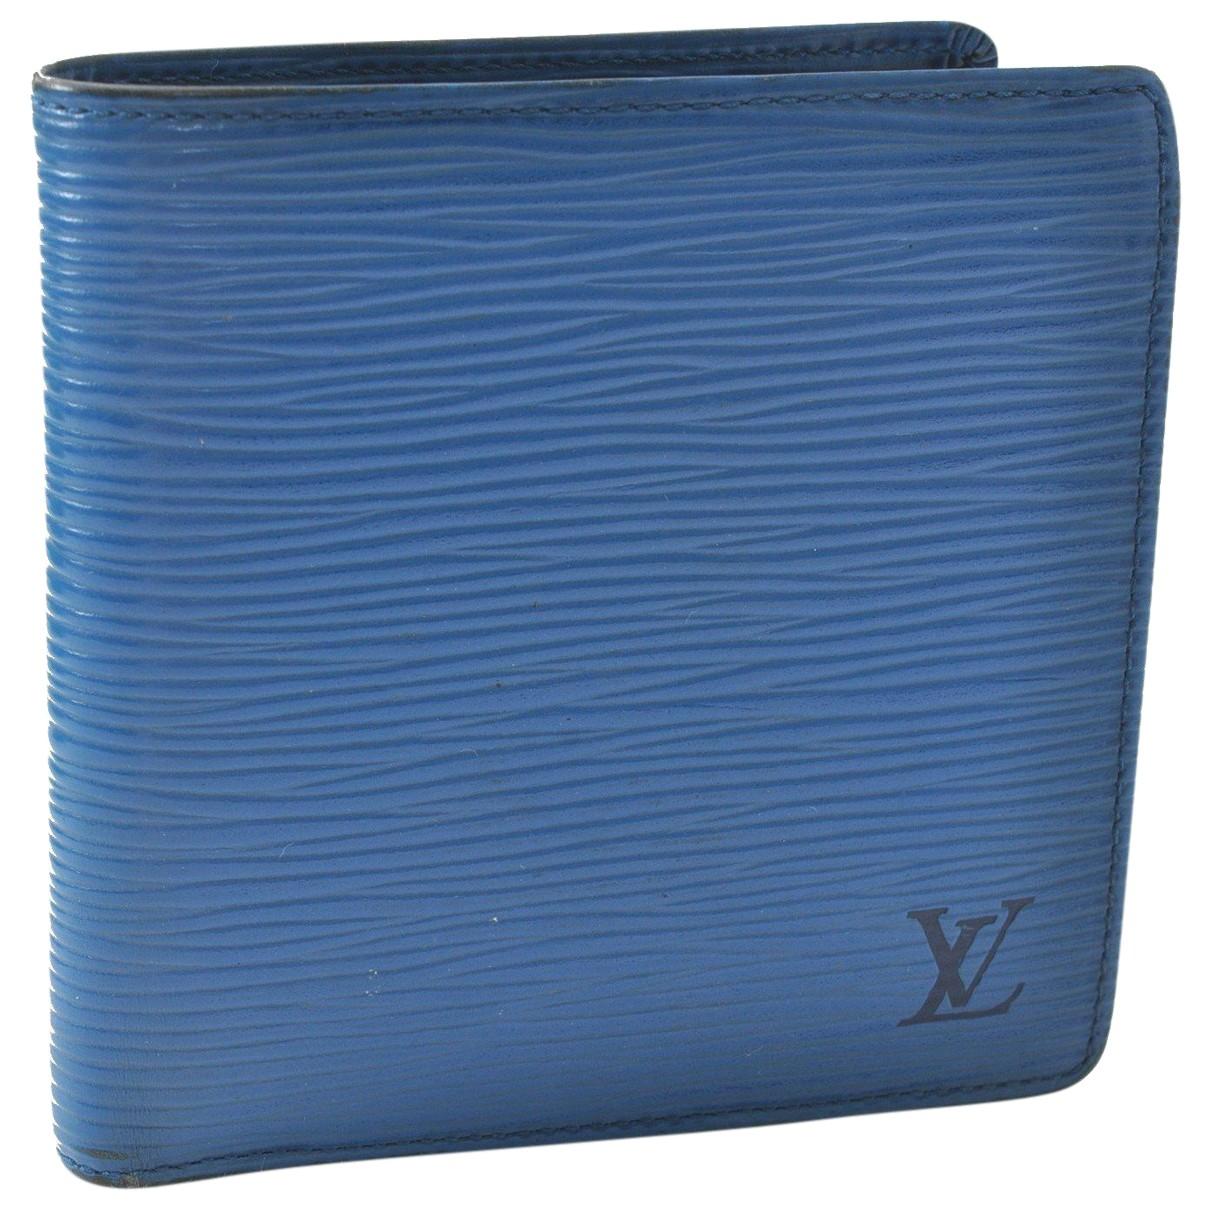 Louis Vuitton \N Portemonnaie in  Blau Leder